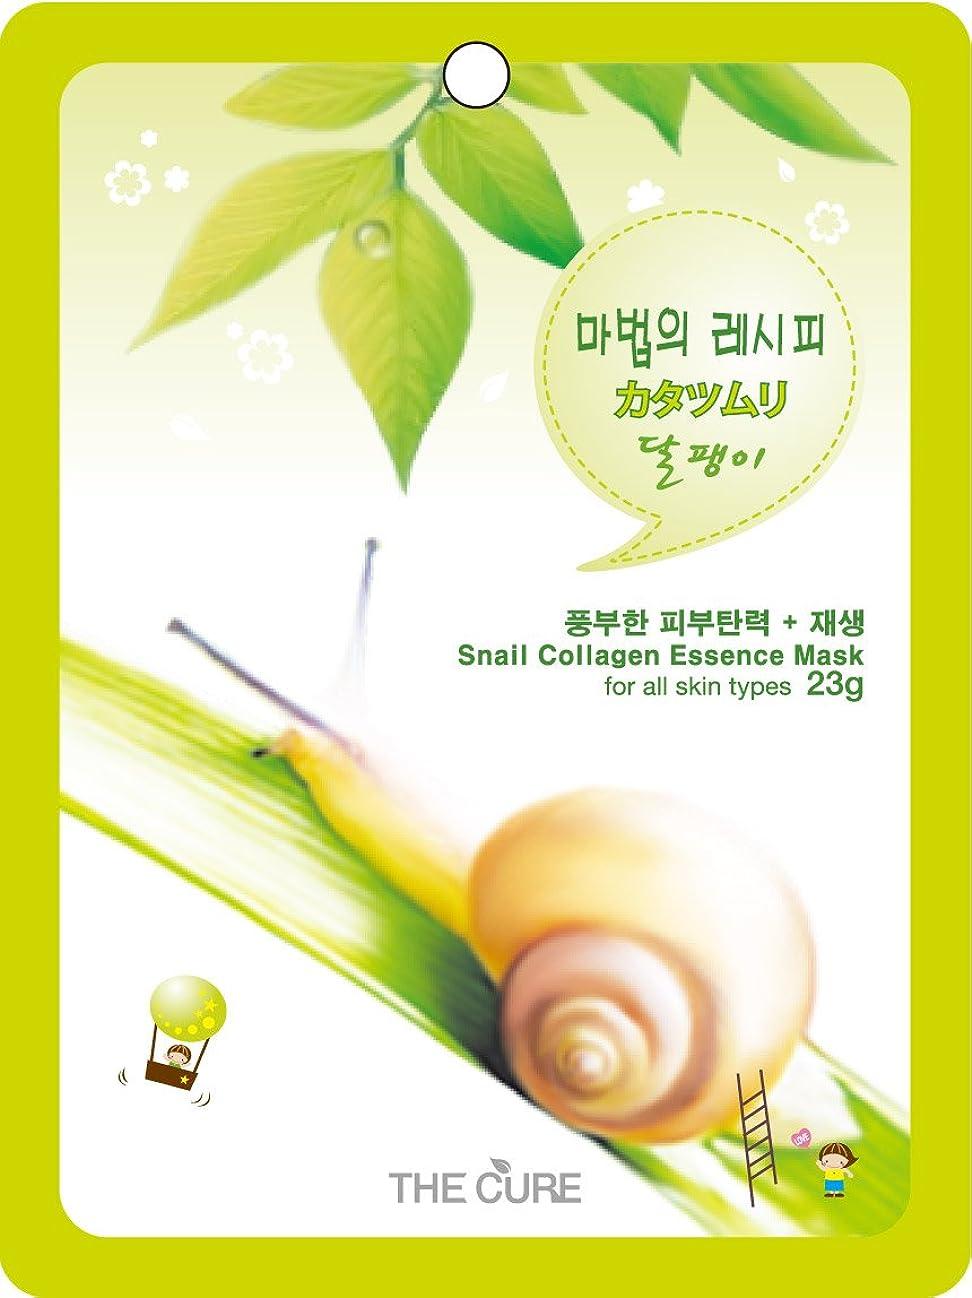 独占いつより良いカタツムリ コラーゲン エッセンス マスク THE CURE シート パック 100枚セット 韓国 コスメ 乾燥肌 オイリー肌 混合肌